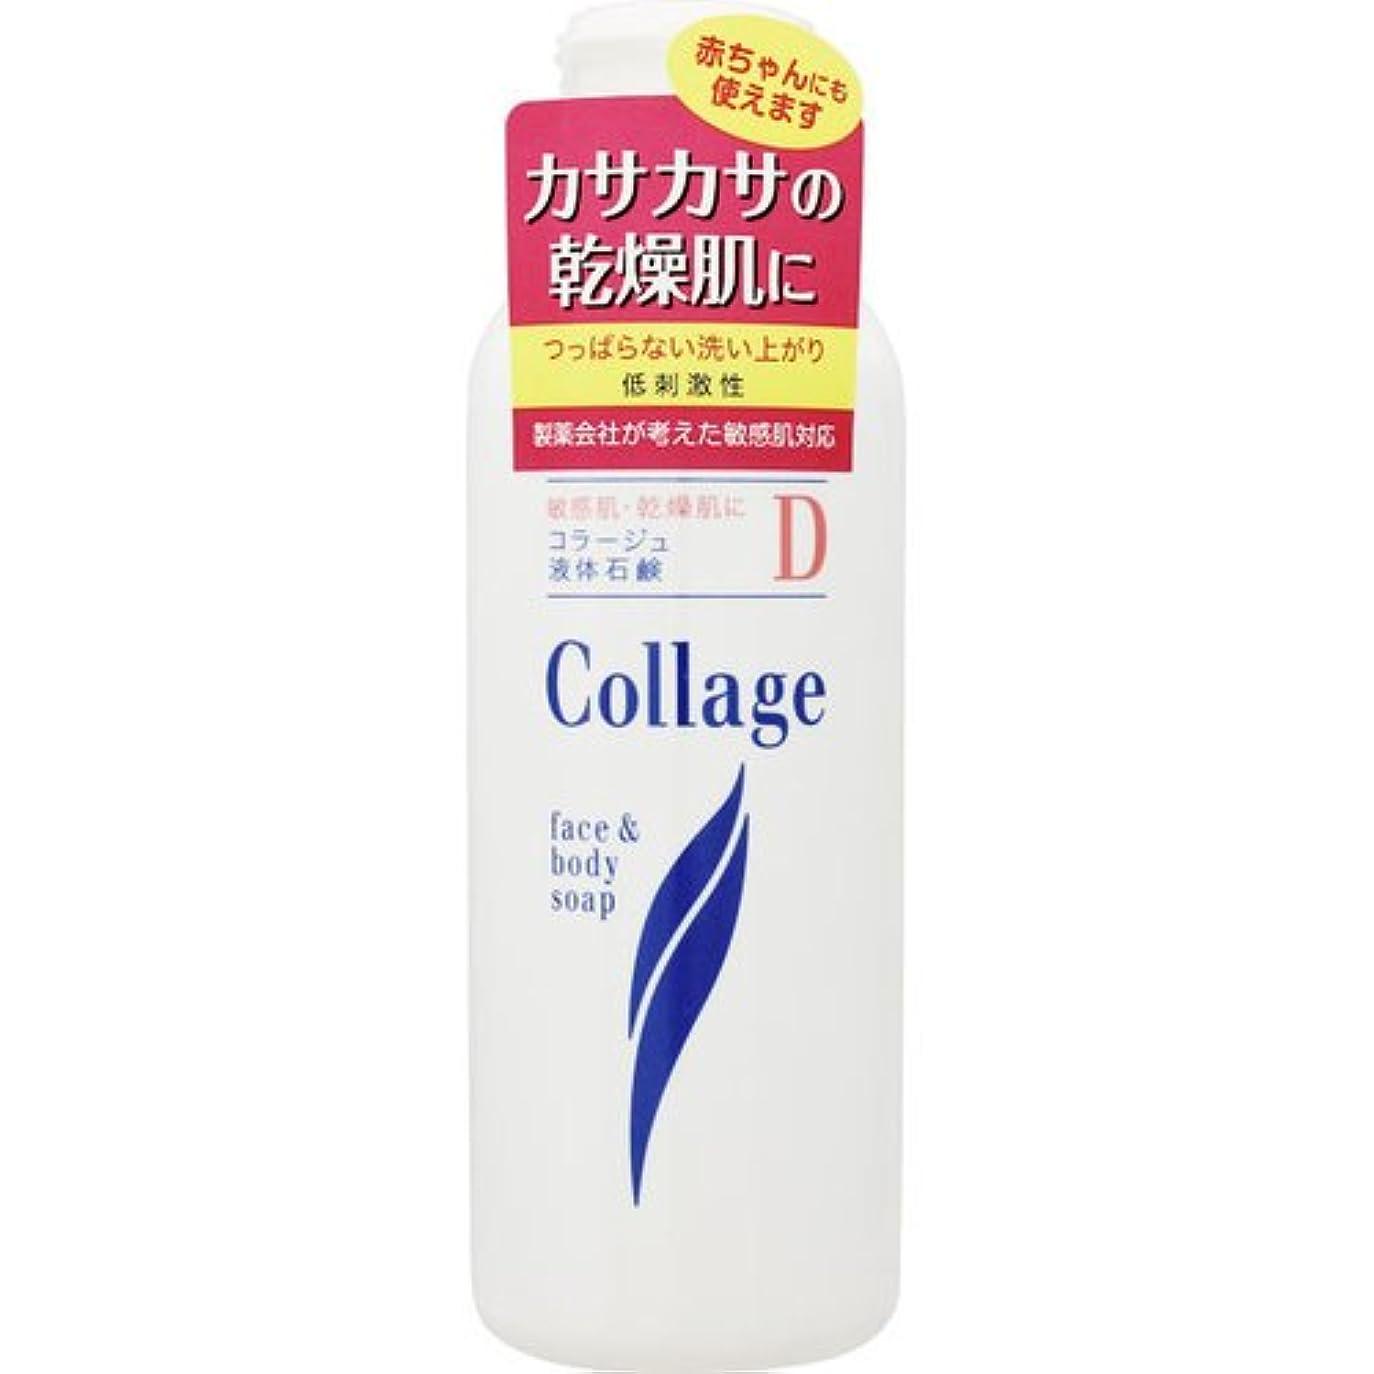 持田ヘルスケア コラージュD液体石鹸 (200mL) 敏感肌 液体洗顔料 コラージュ